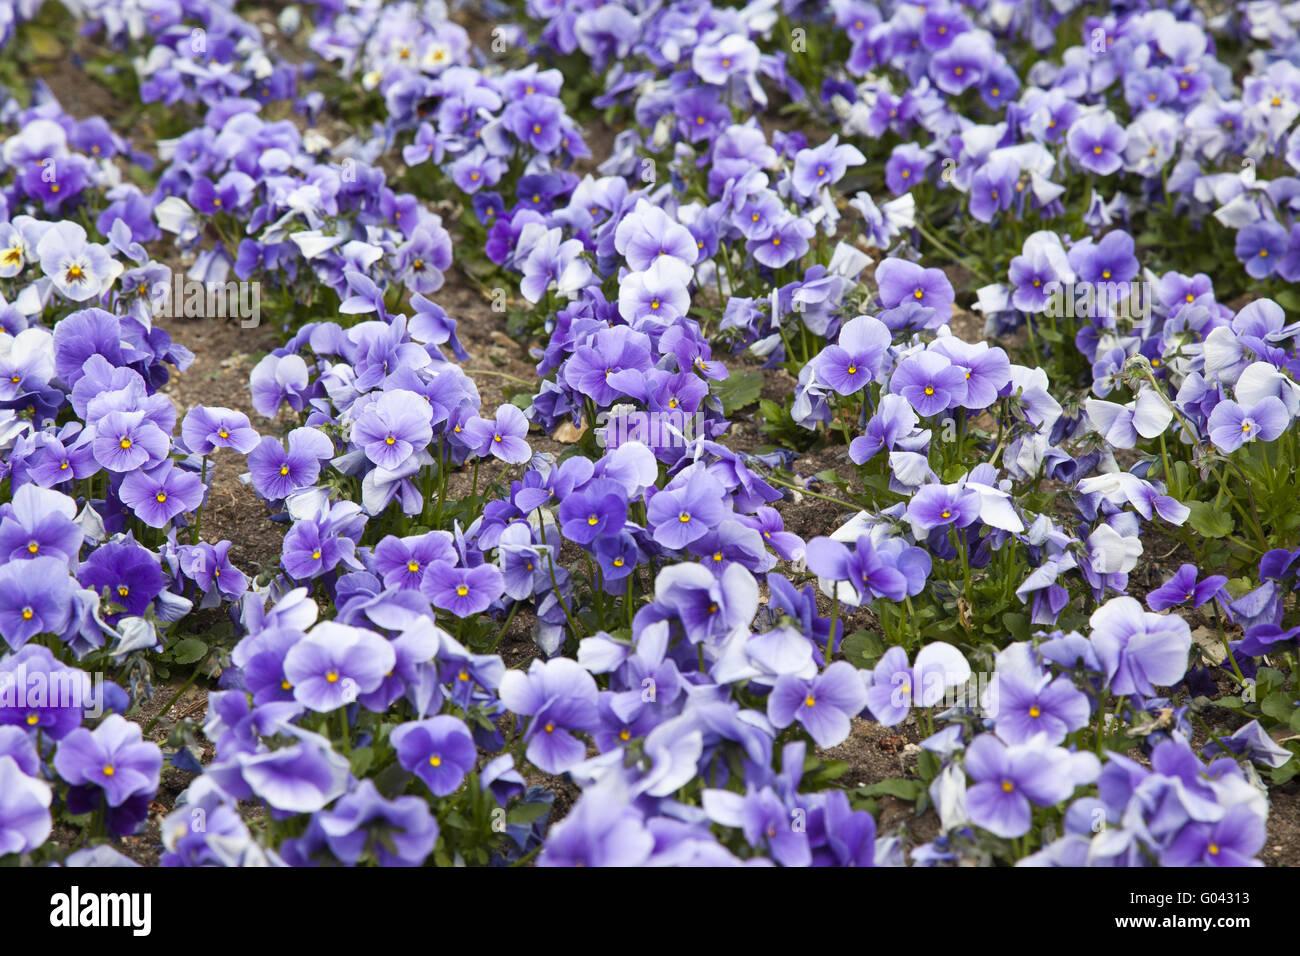 Violas - Stock Image